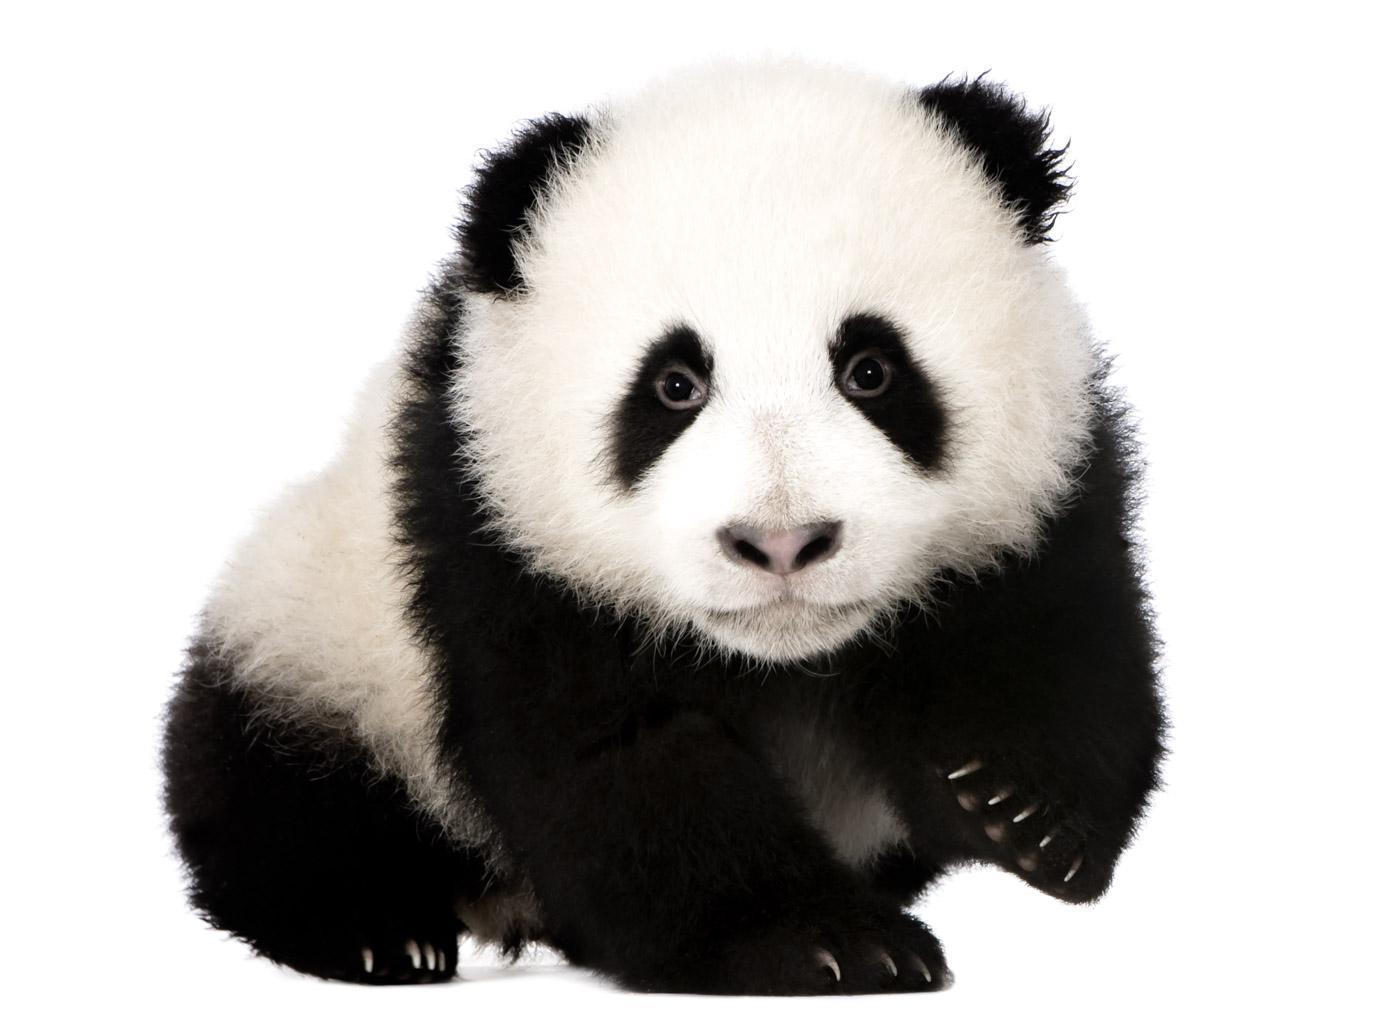 Портреты животных. Большая панда.